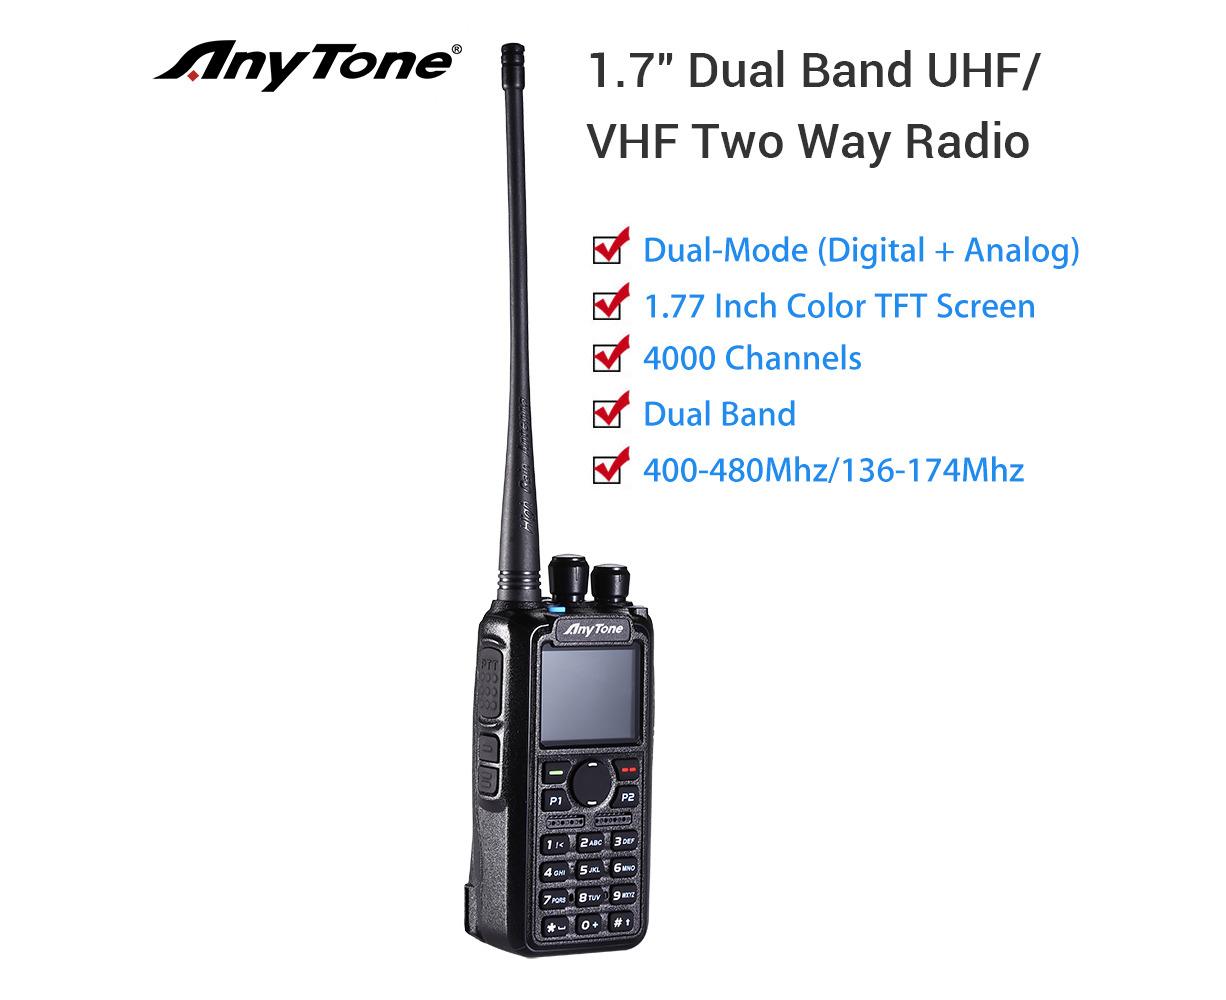 AnyTone AT-D878UV GPS Dual Band DMR/Analog radio with 3100 mAh battery